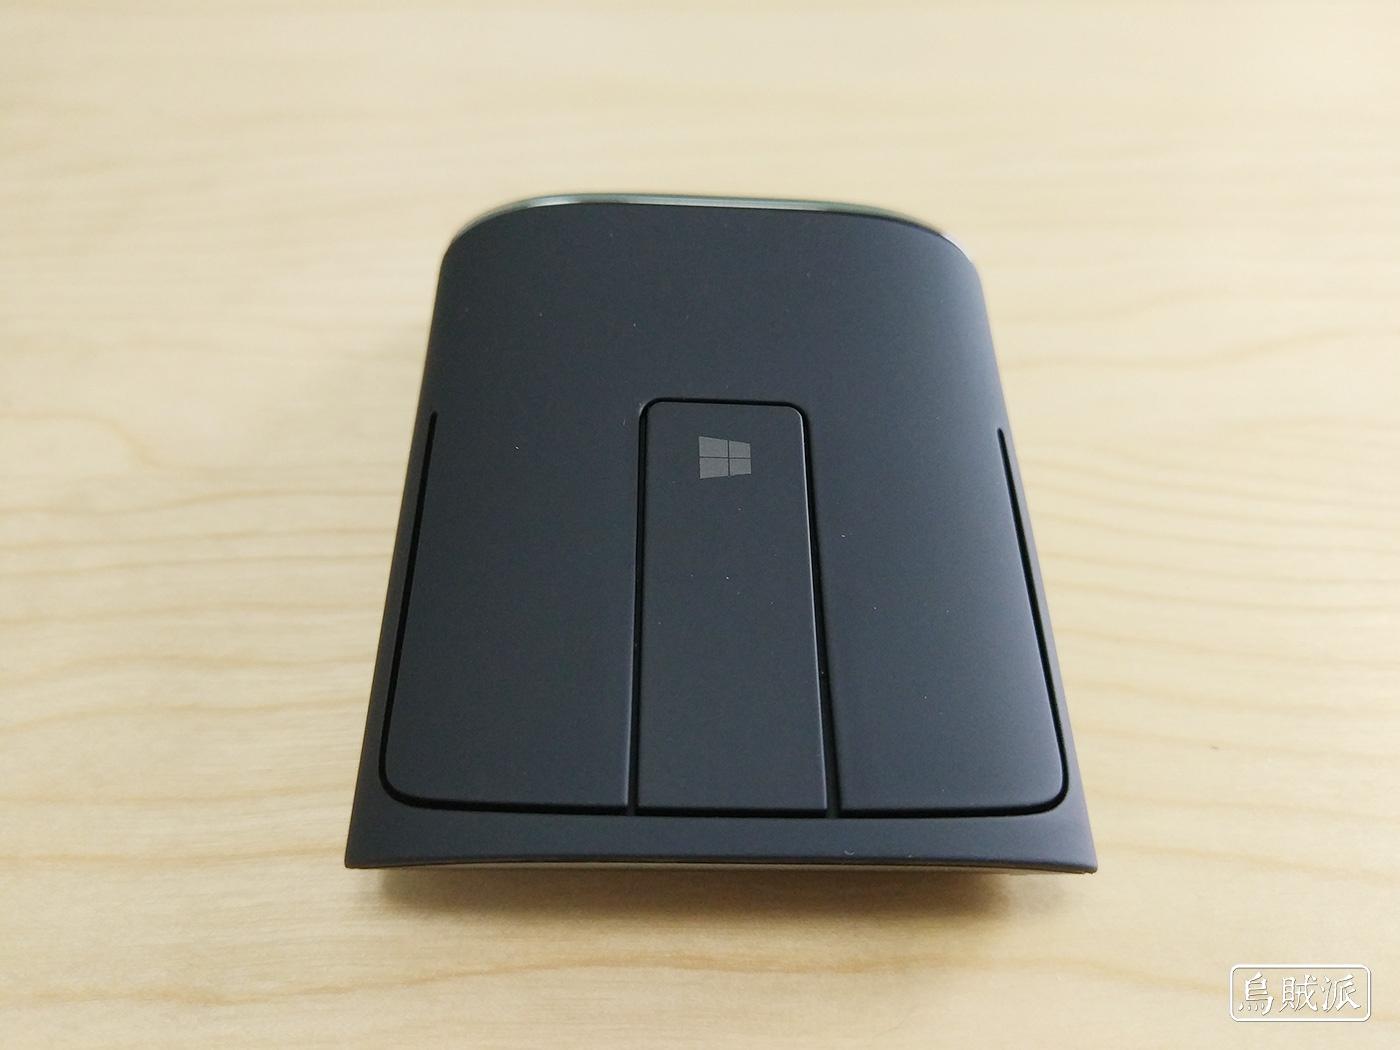 联想 N700 触控条部分造型